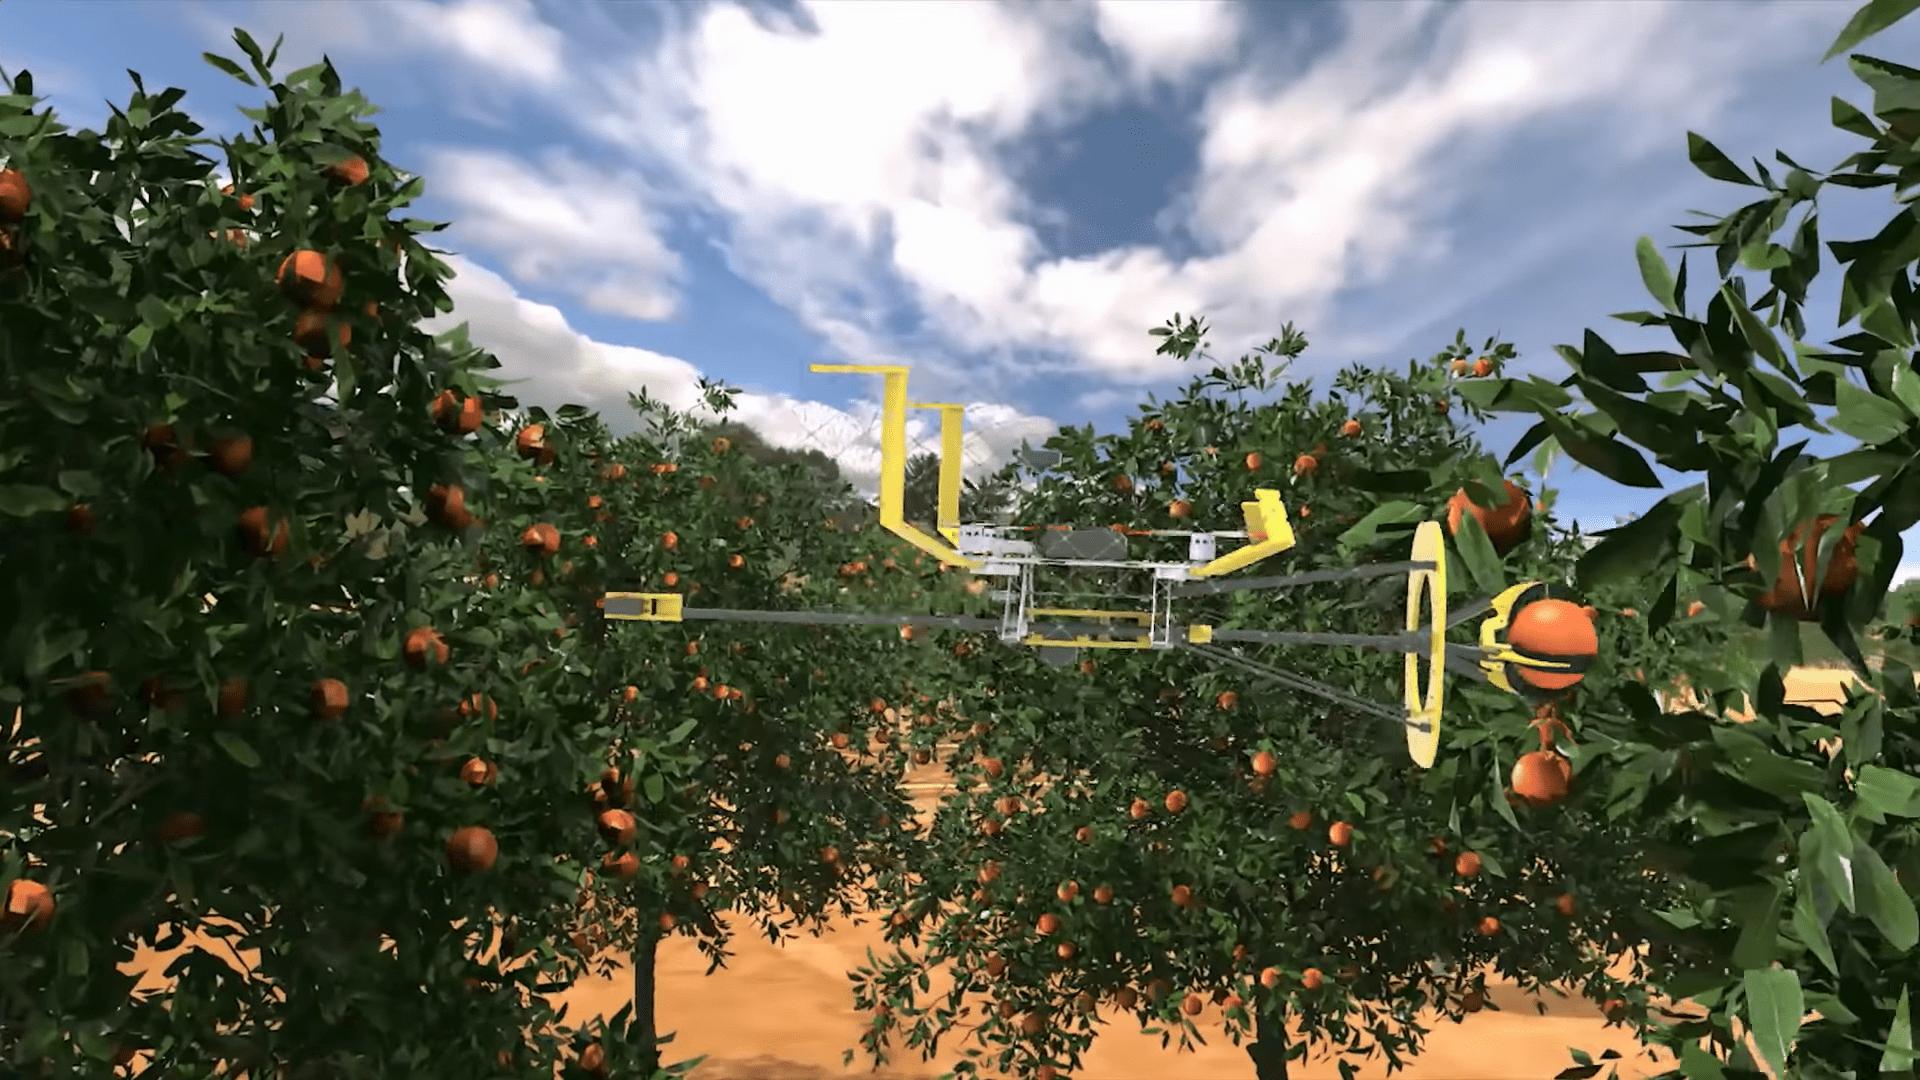 İsrailli uzmanlar, dünyadaki ağaçlarda bulunan meyvelerin yaklaşık %10'nun, onları toplayacak yeterli iş gücü olmadığı için ağaçlarda çürüyerek israfa gittiğini tahmin ediyorlar.